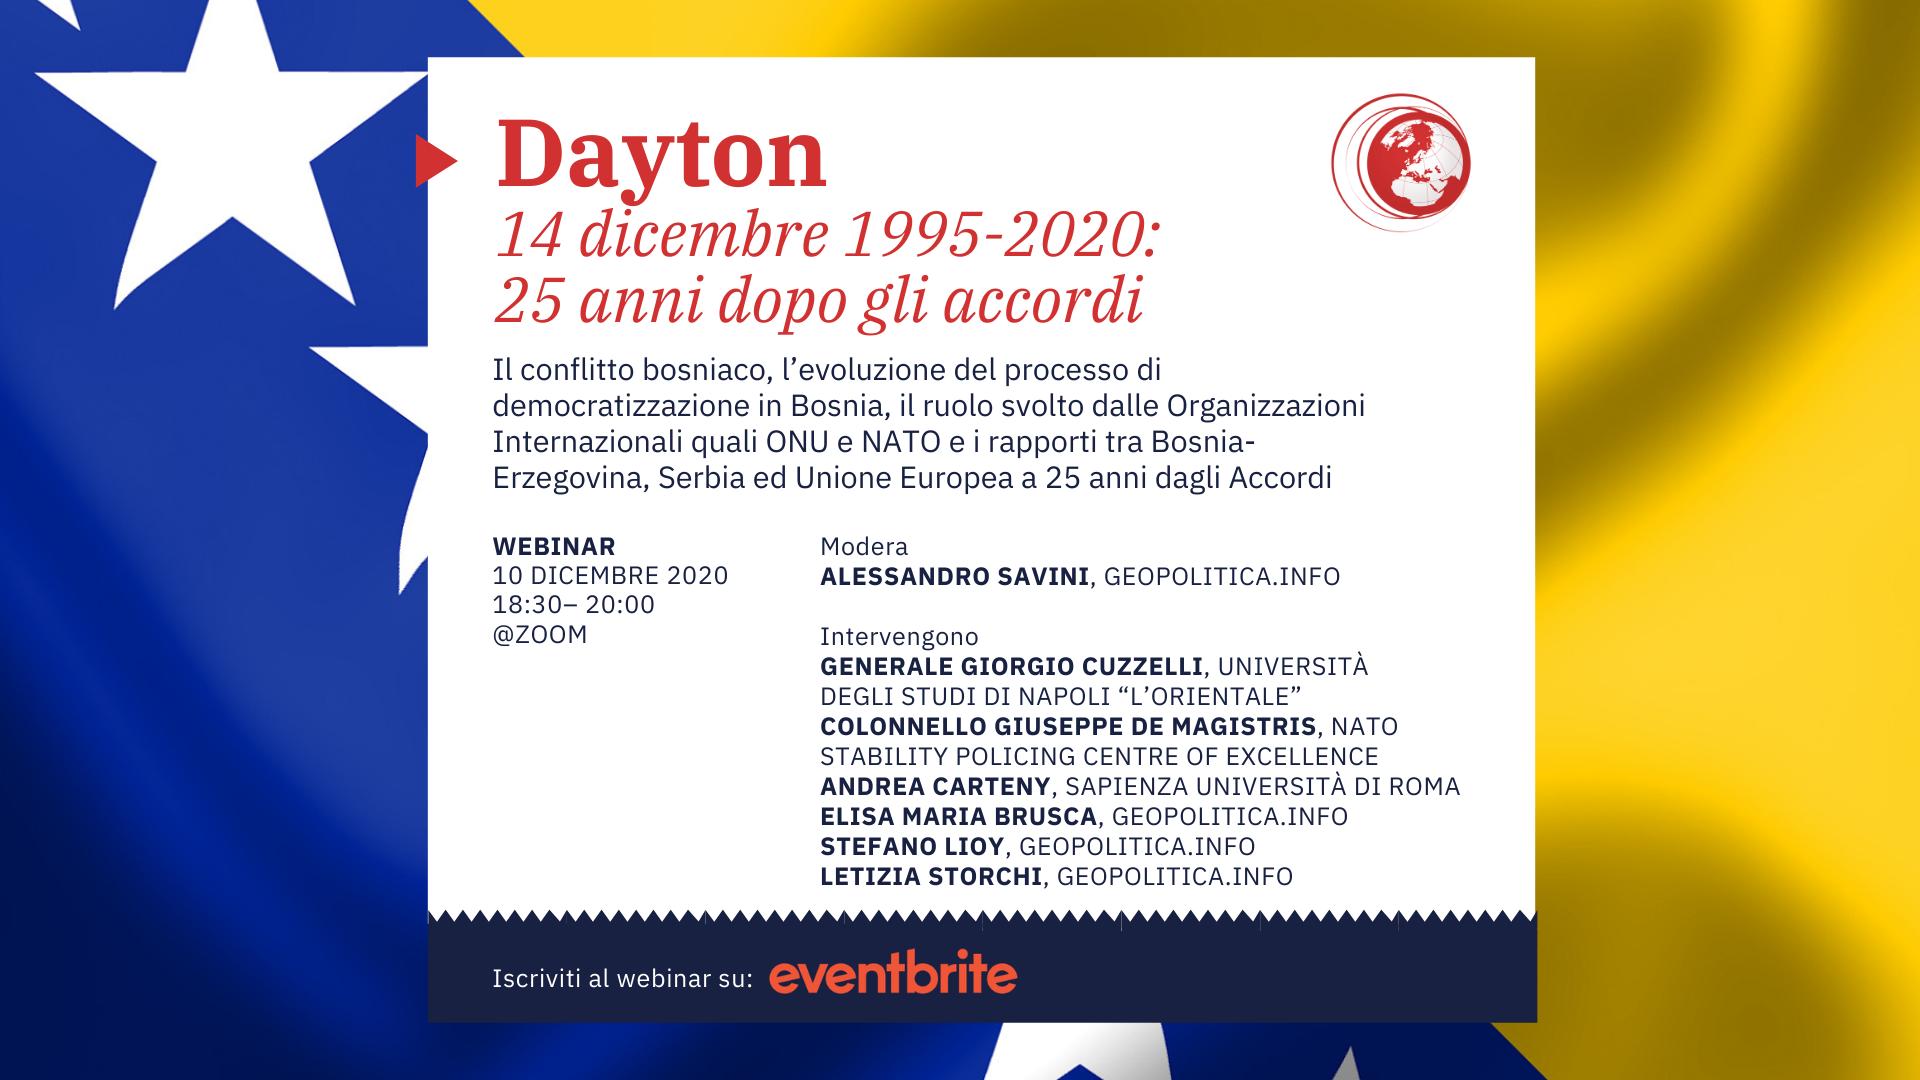 Dayton, 1995-2020: 25 anni dopo gli Accordi – Webinar @zoom – 10 dicembre 2020, ore 18.30 - Geopolitica.info